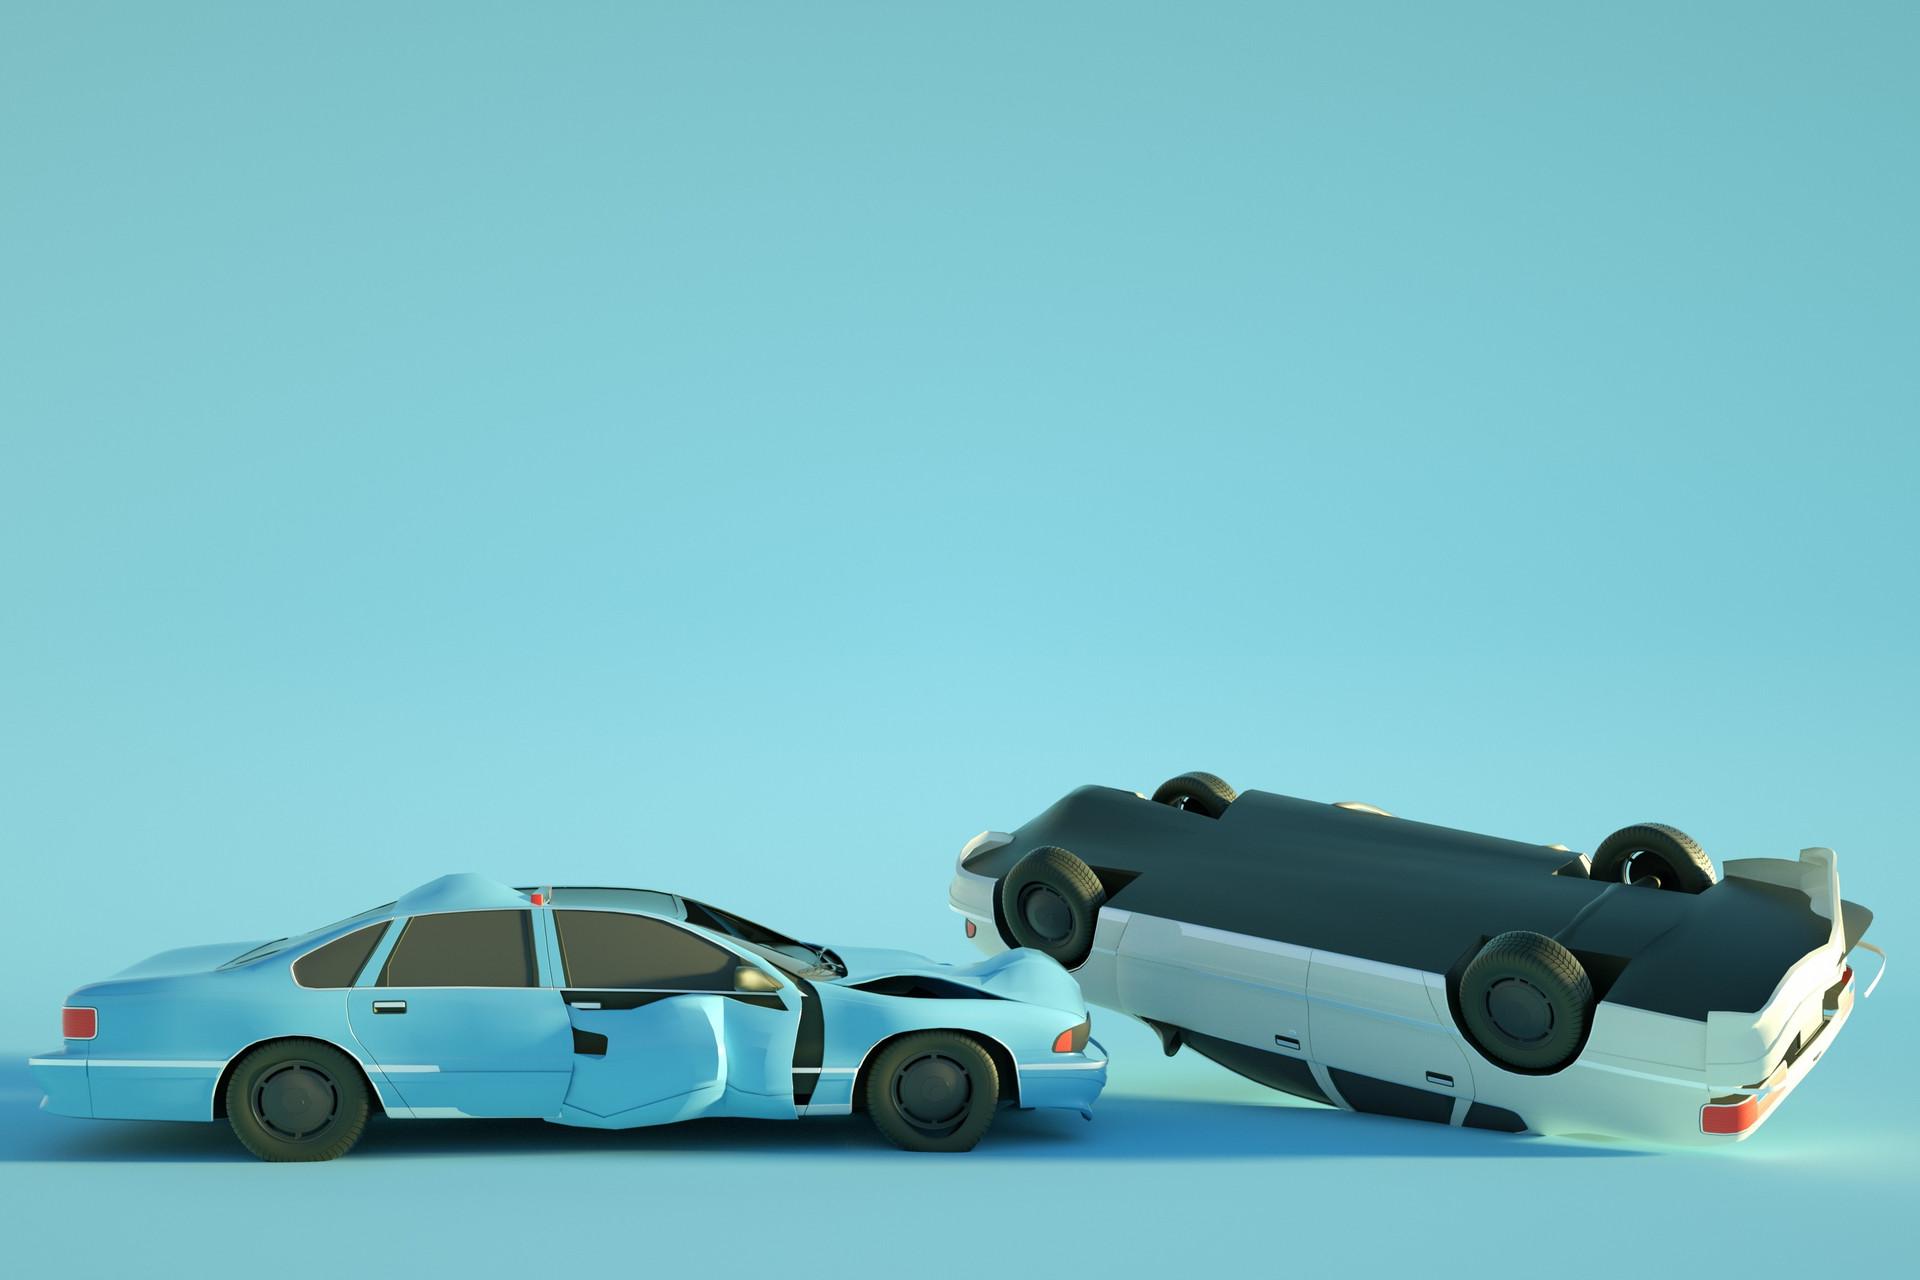 意外伤害保险多少钱一年